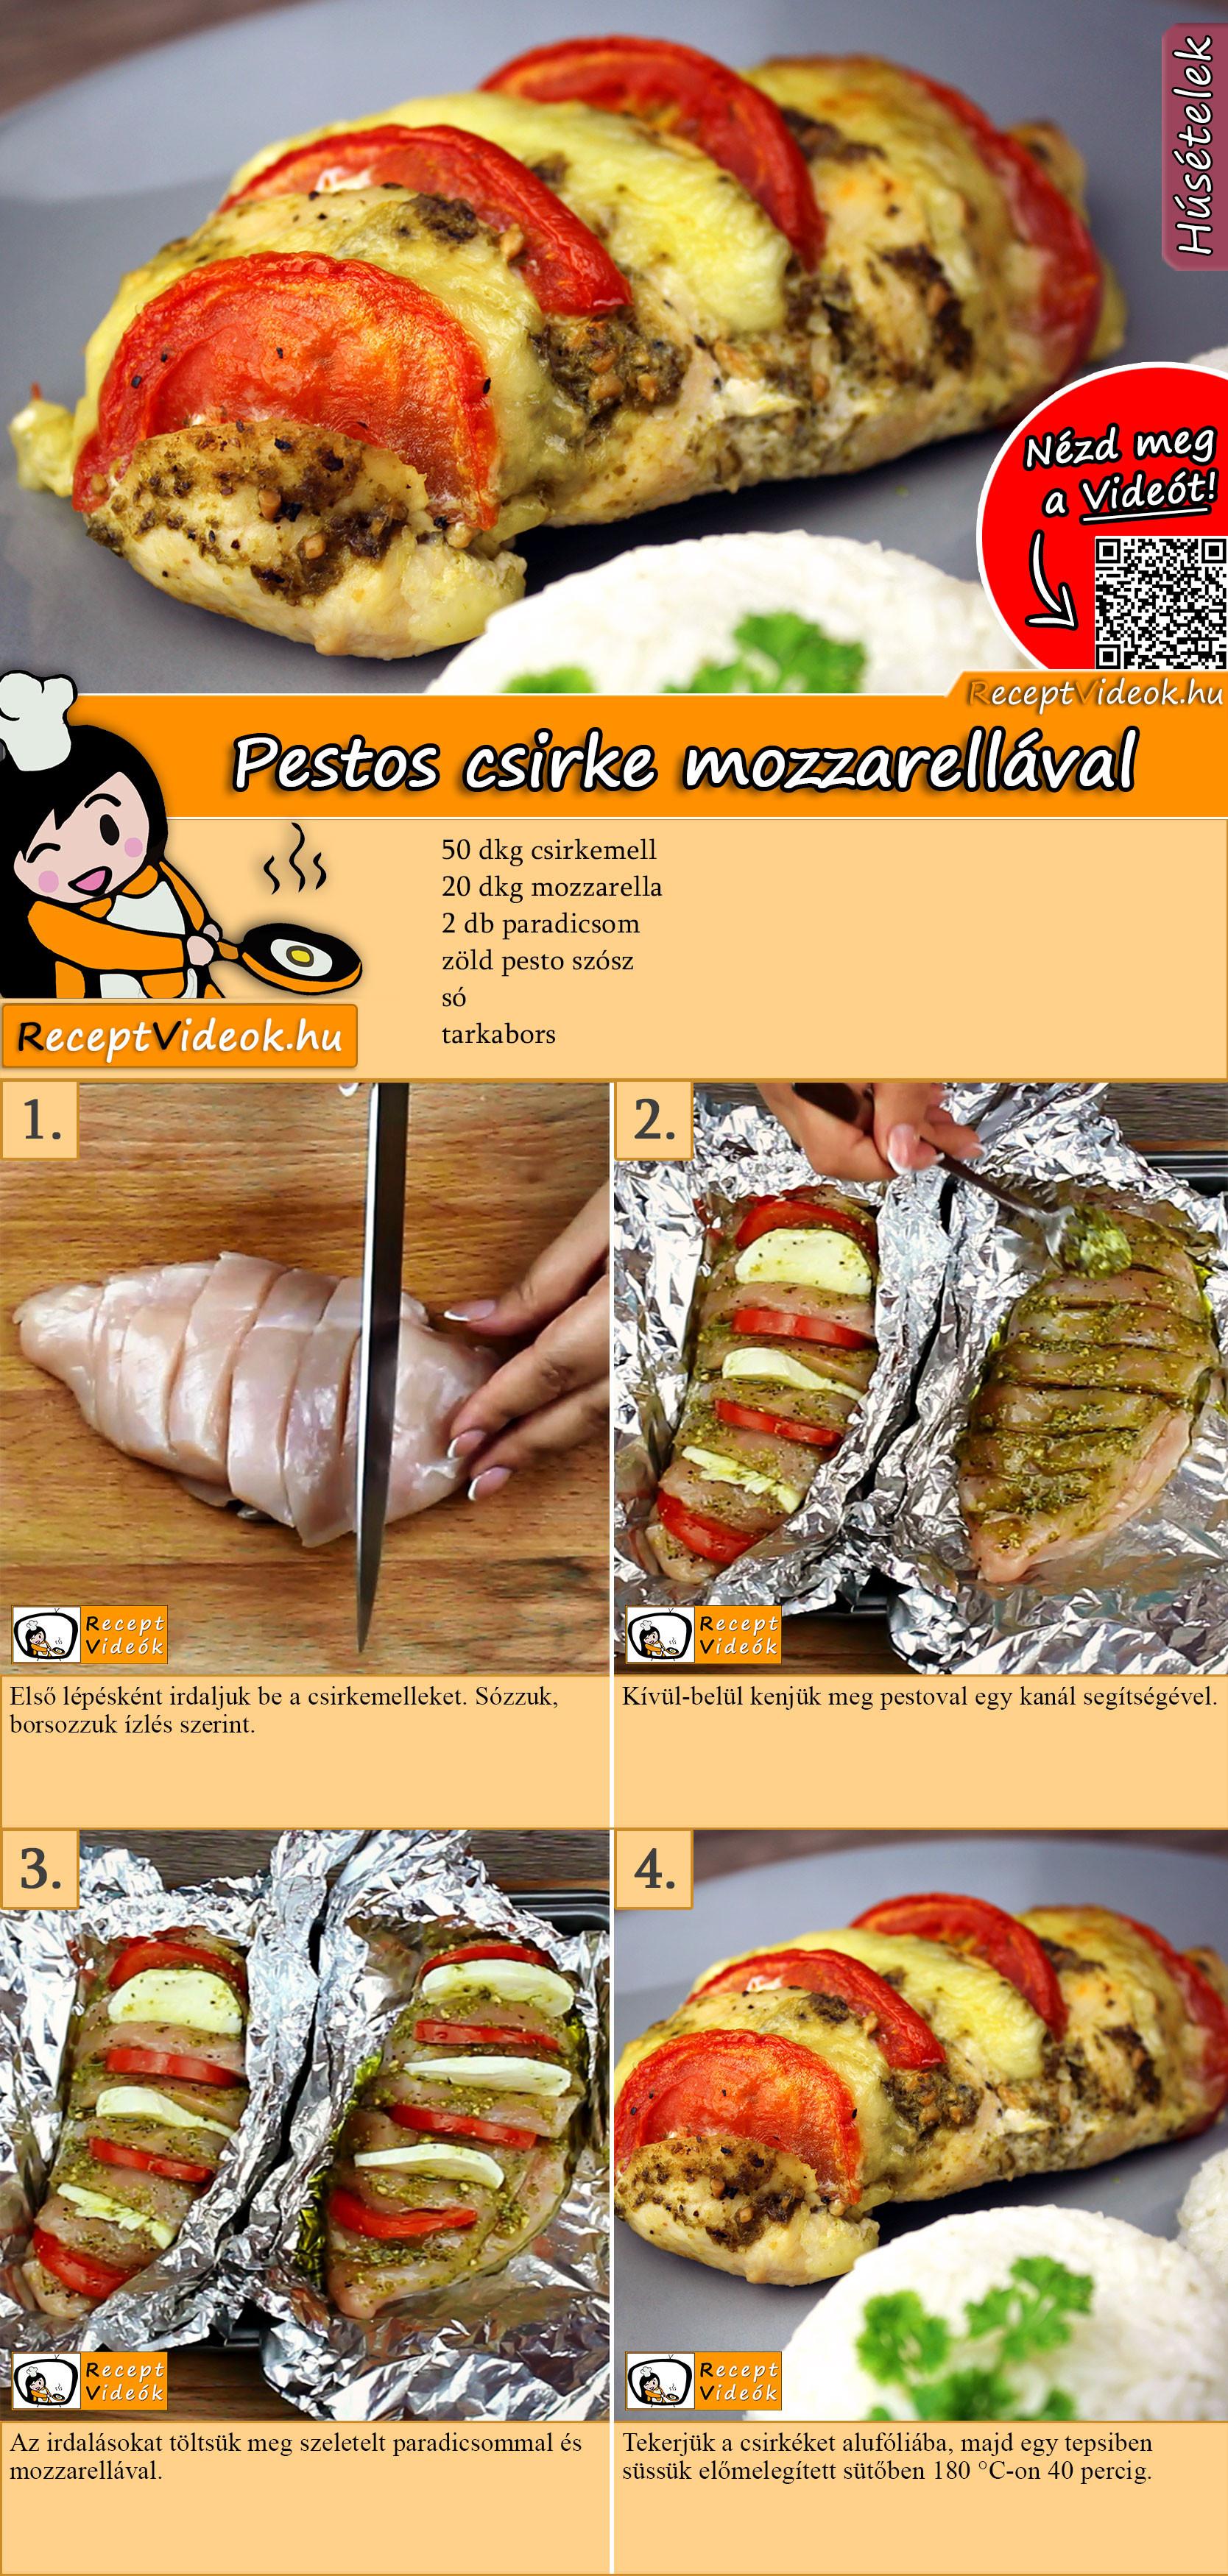 Pestos csirke mozzarellával recept elkészítése videóval